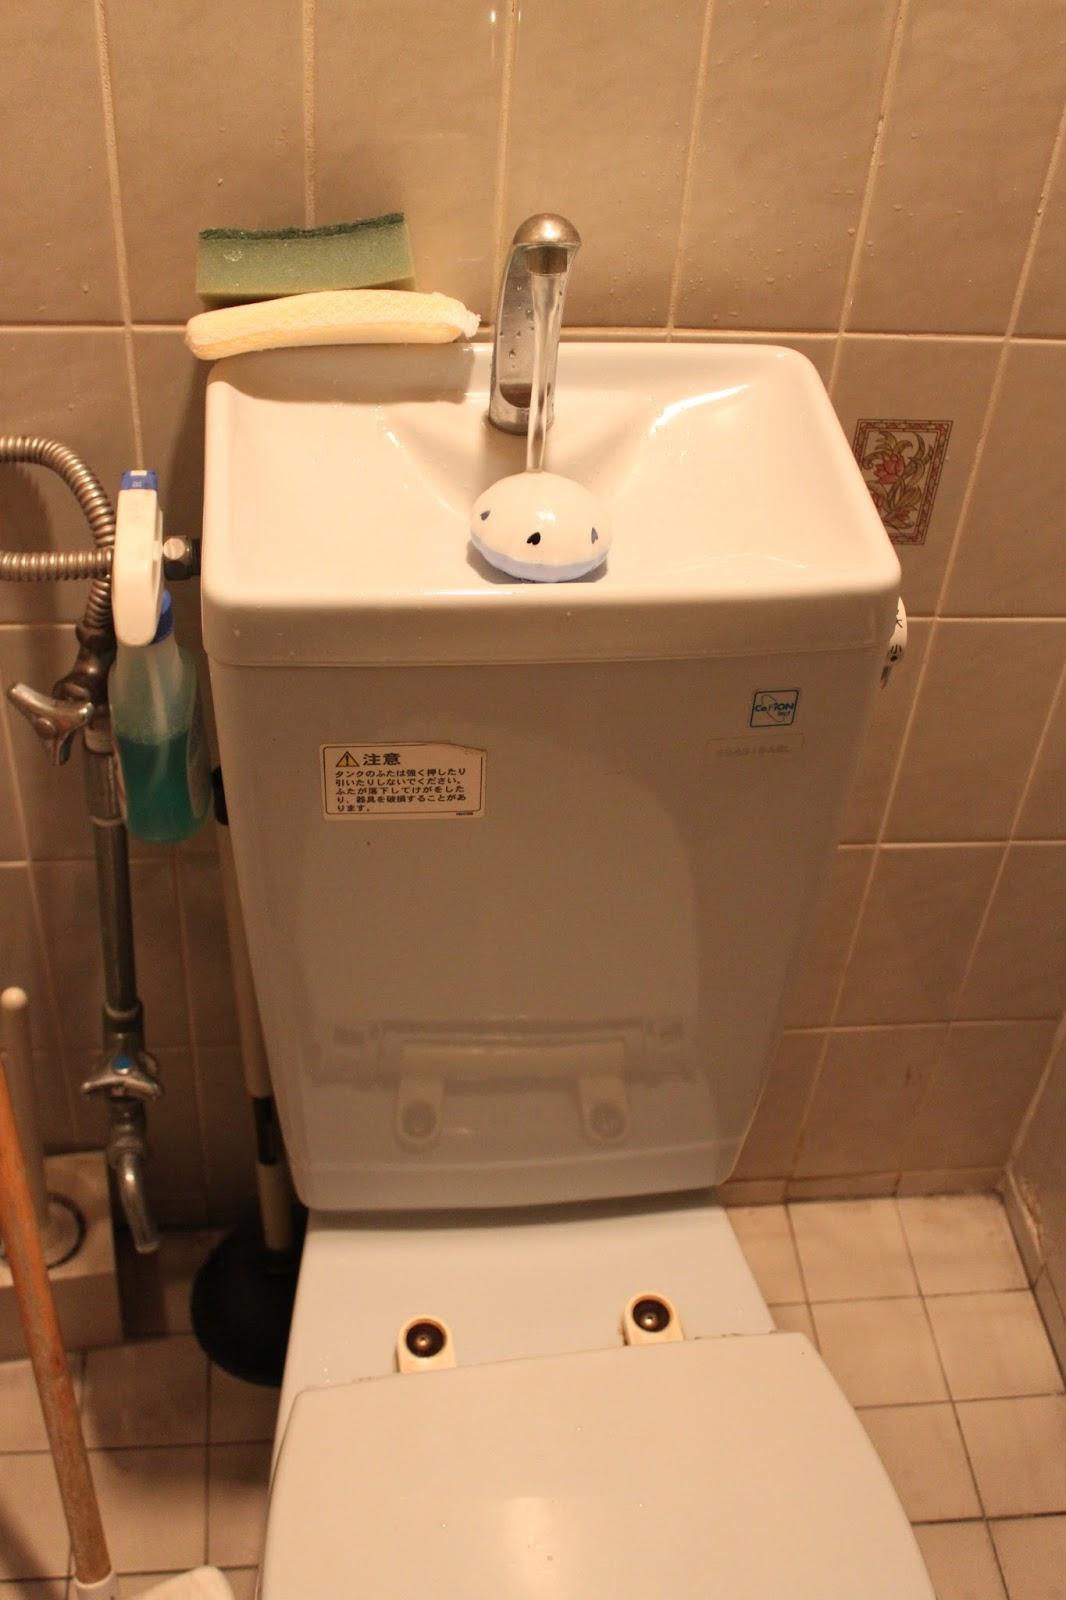 Miért van különbség a WC-ben az USA-ban? - Viga csaptelep gyártó